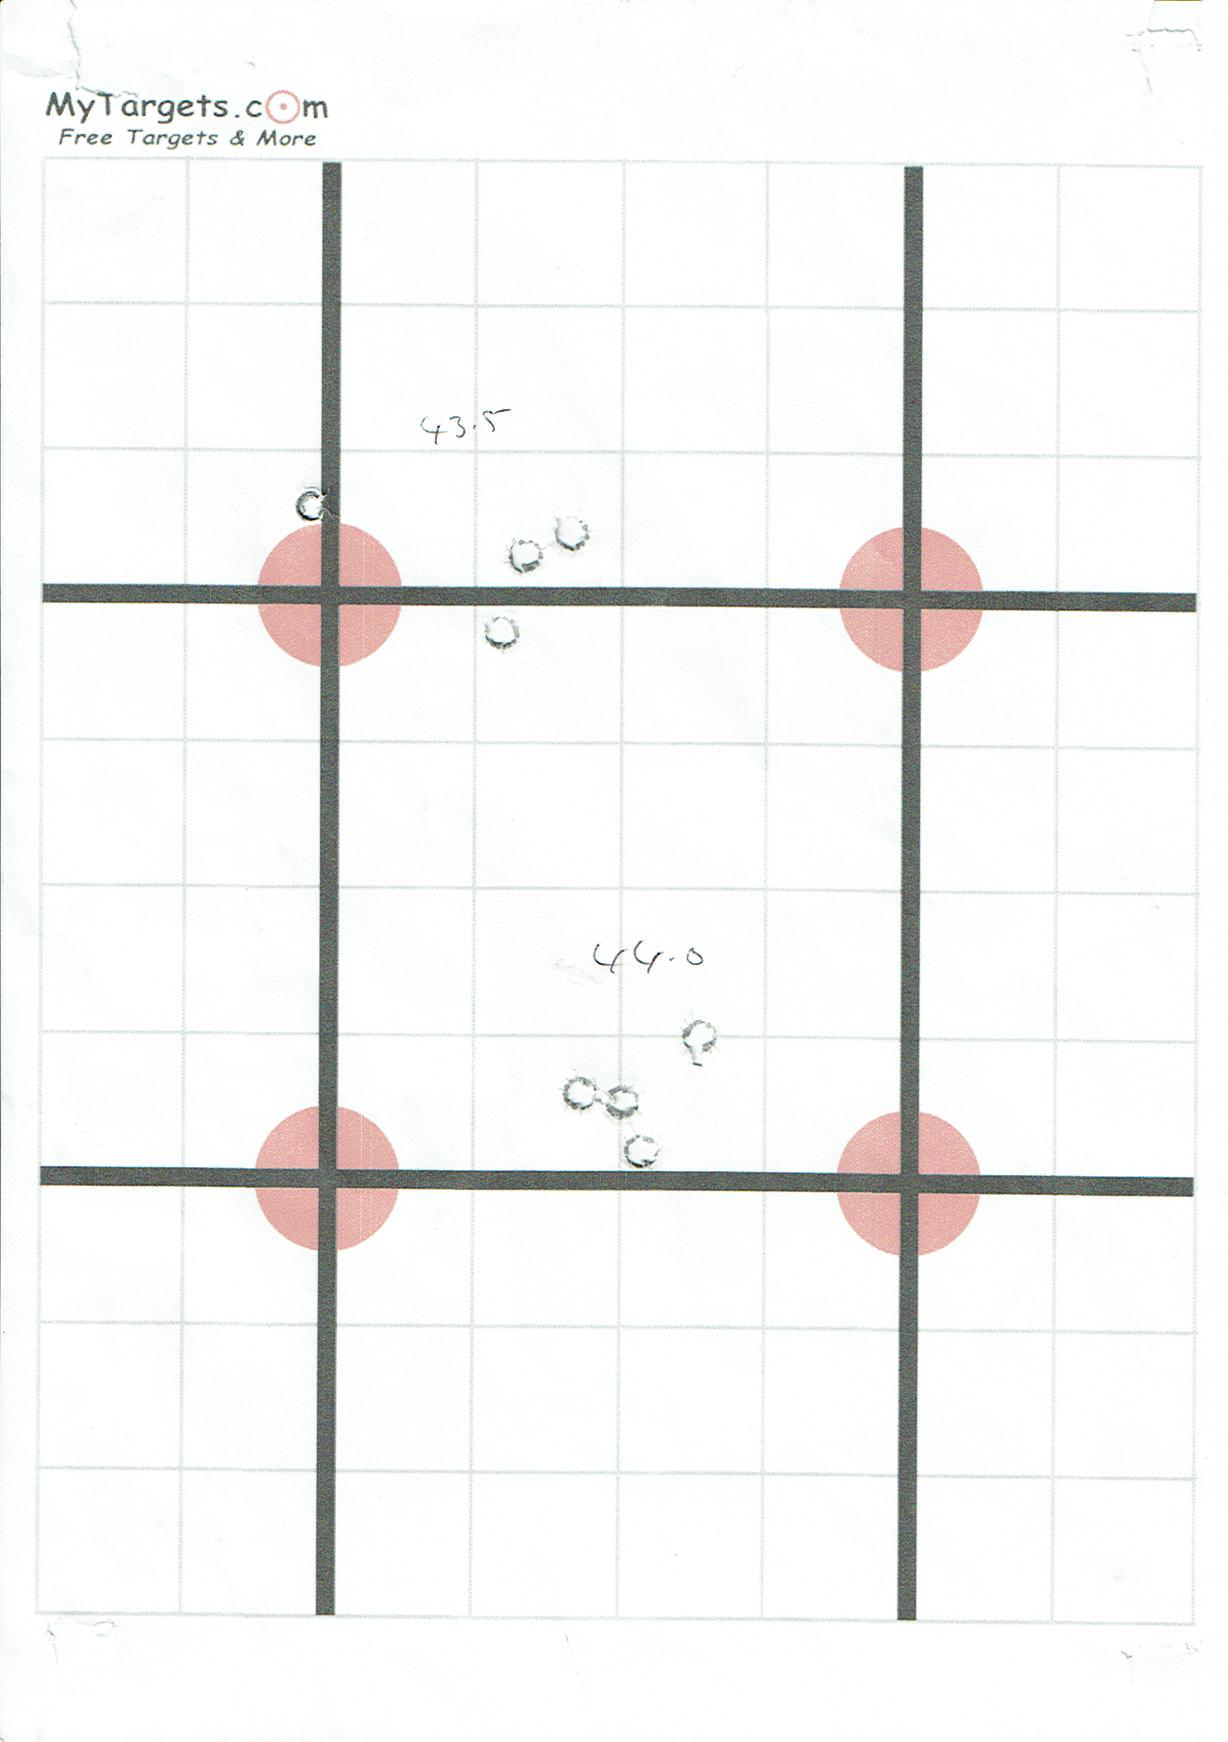 243 95gr Tipped Match Kings 10:1 twist - opinions? • Enough Gun